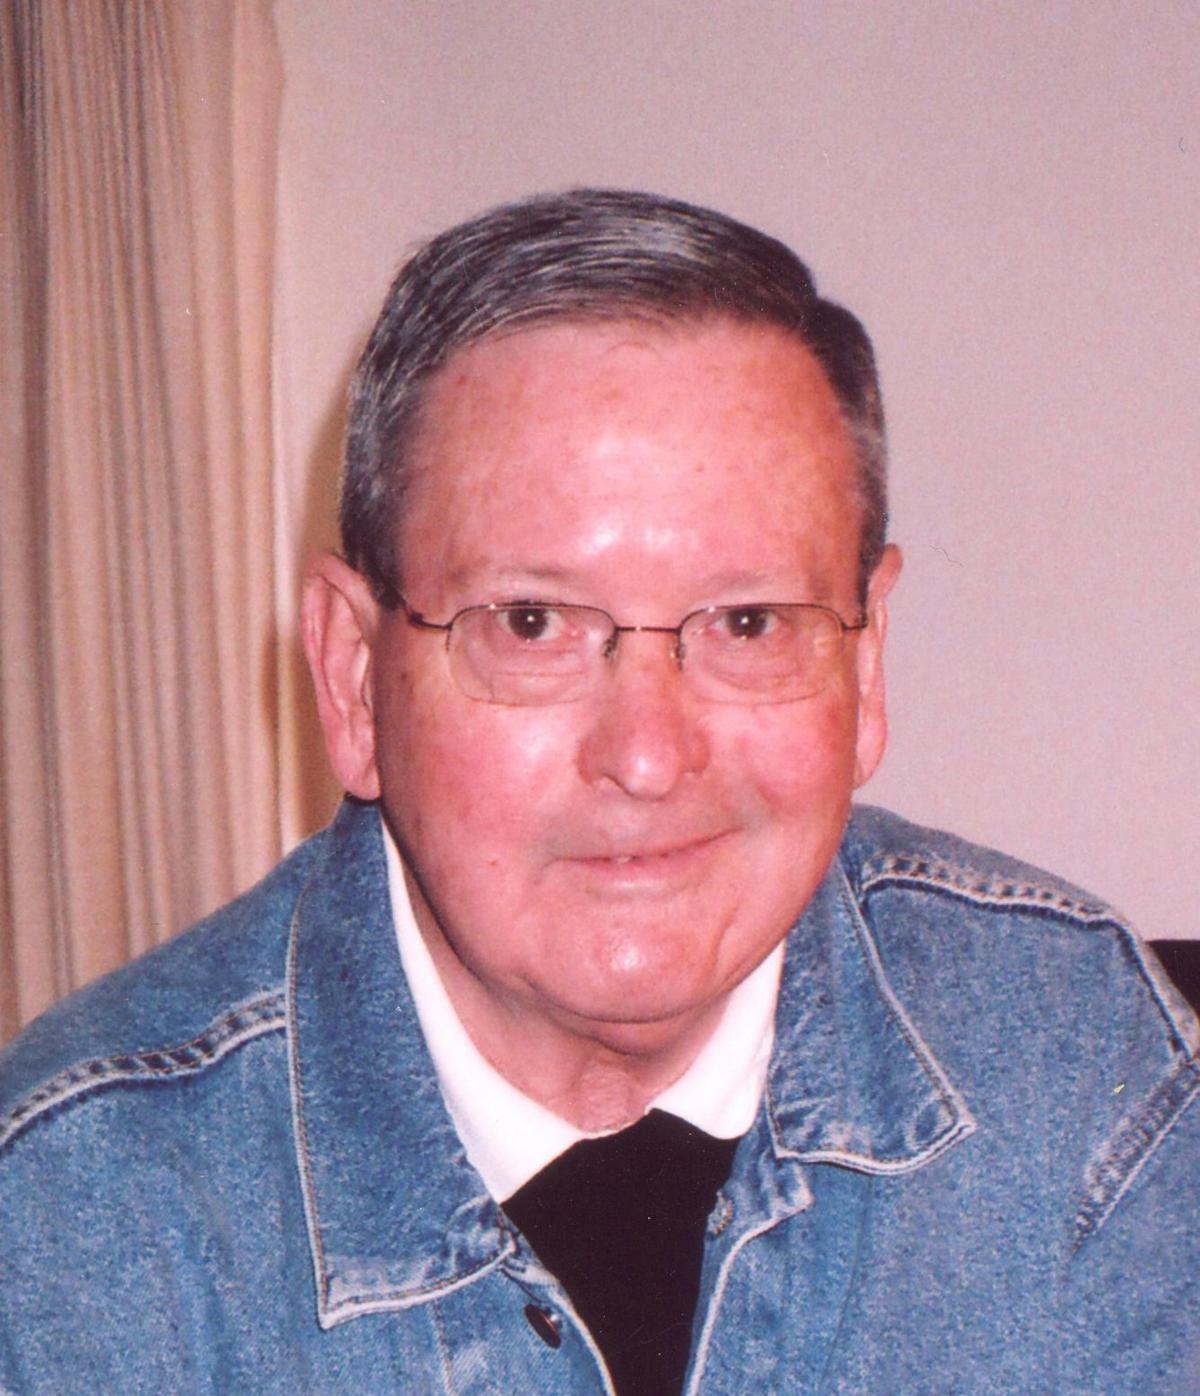 Robert Ruskin